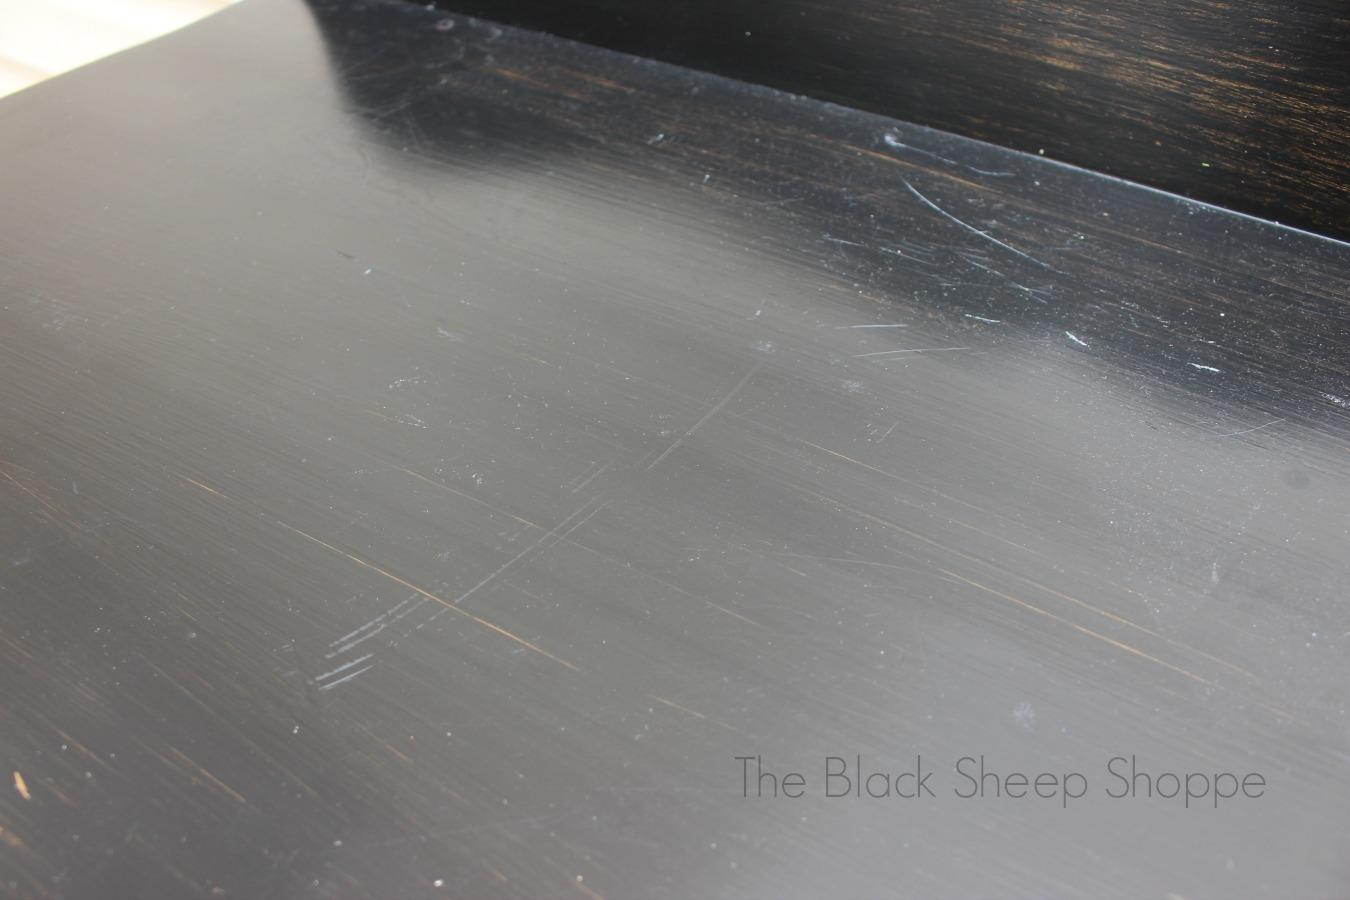 Bumpy finish on surface